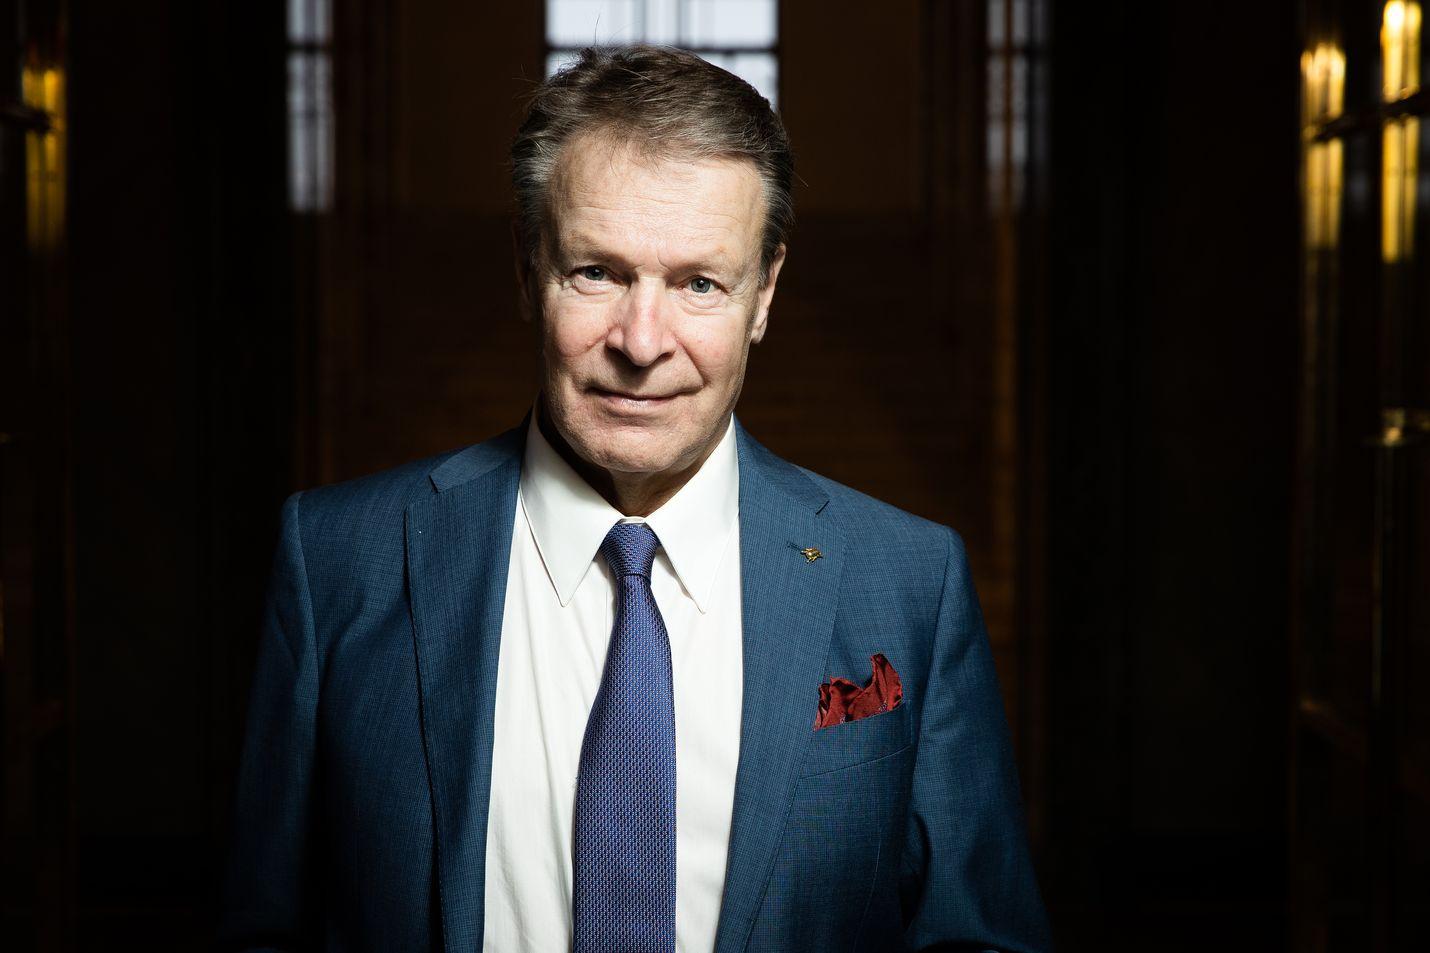 Kokoomuksen pitkäaikainen kansanedustaja Ilkka Kanerva on parlamentaarisen asevelvollisuuskomitean puheenjohtaja.